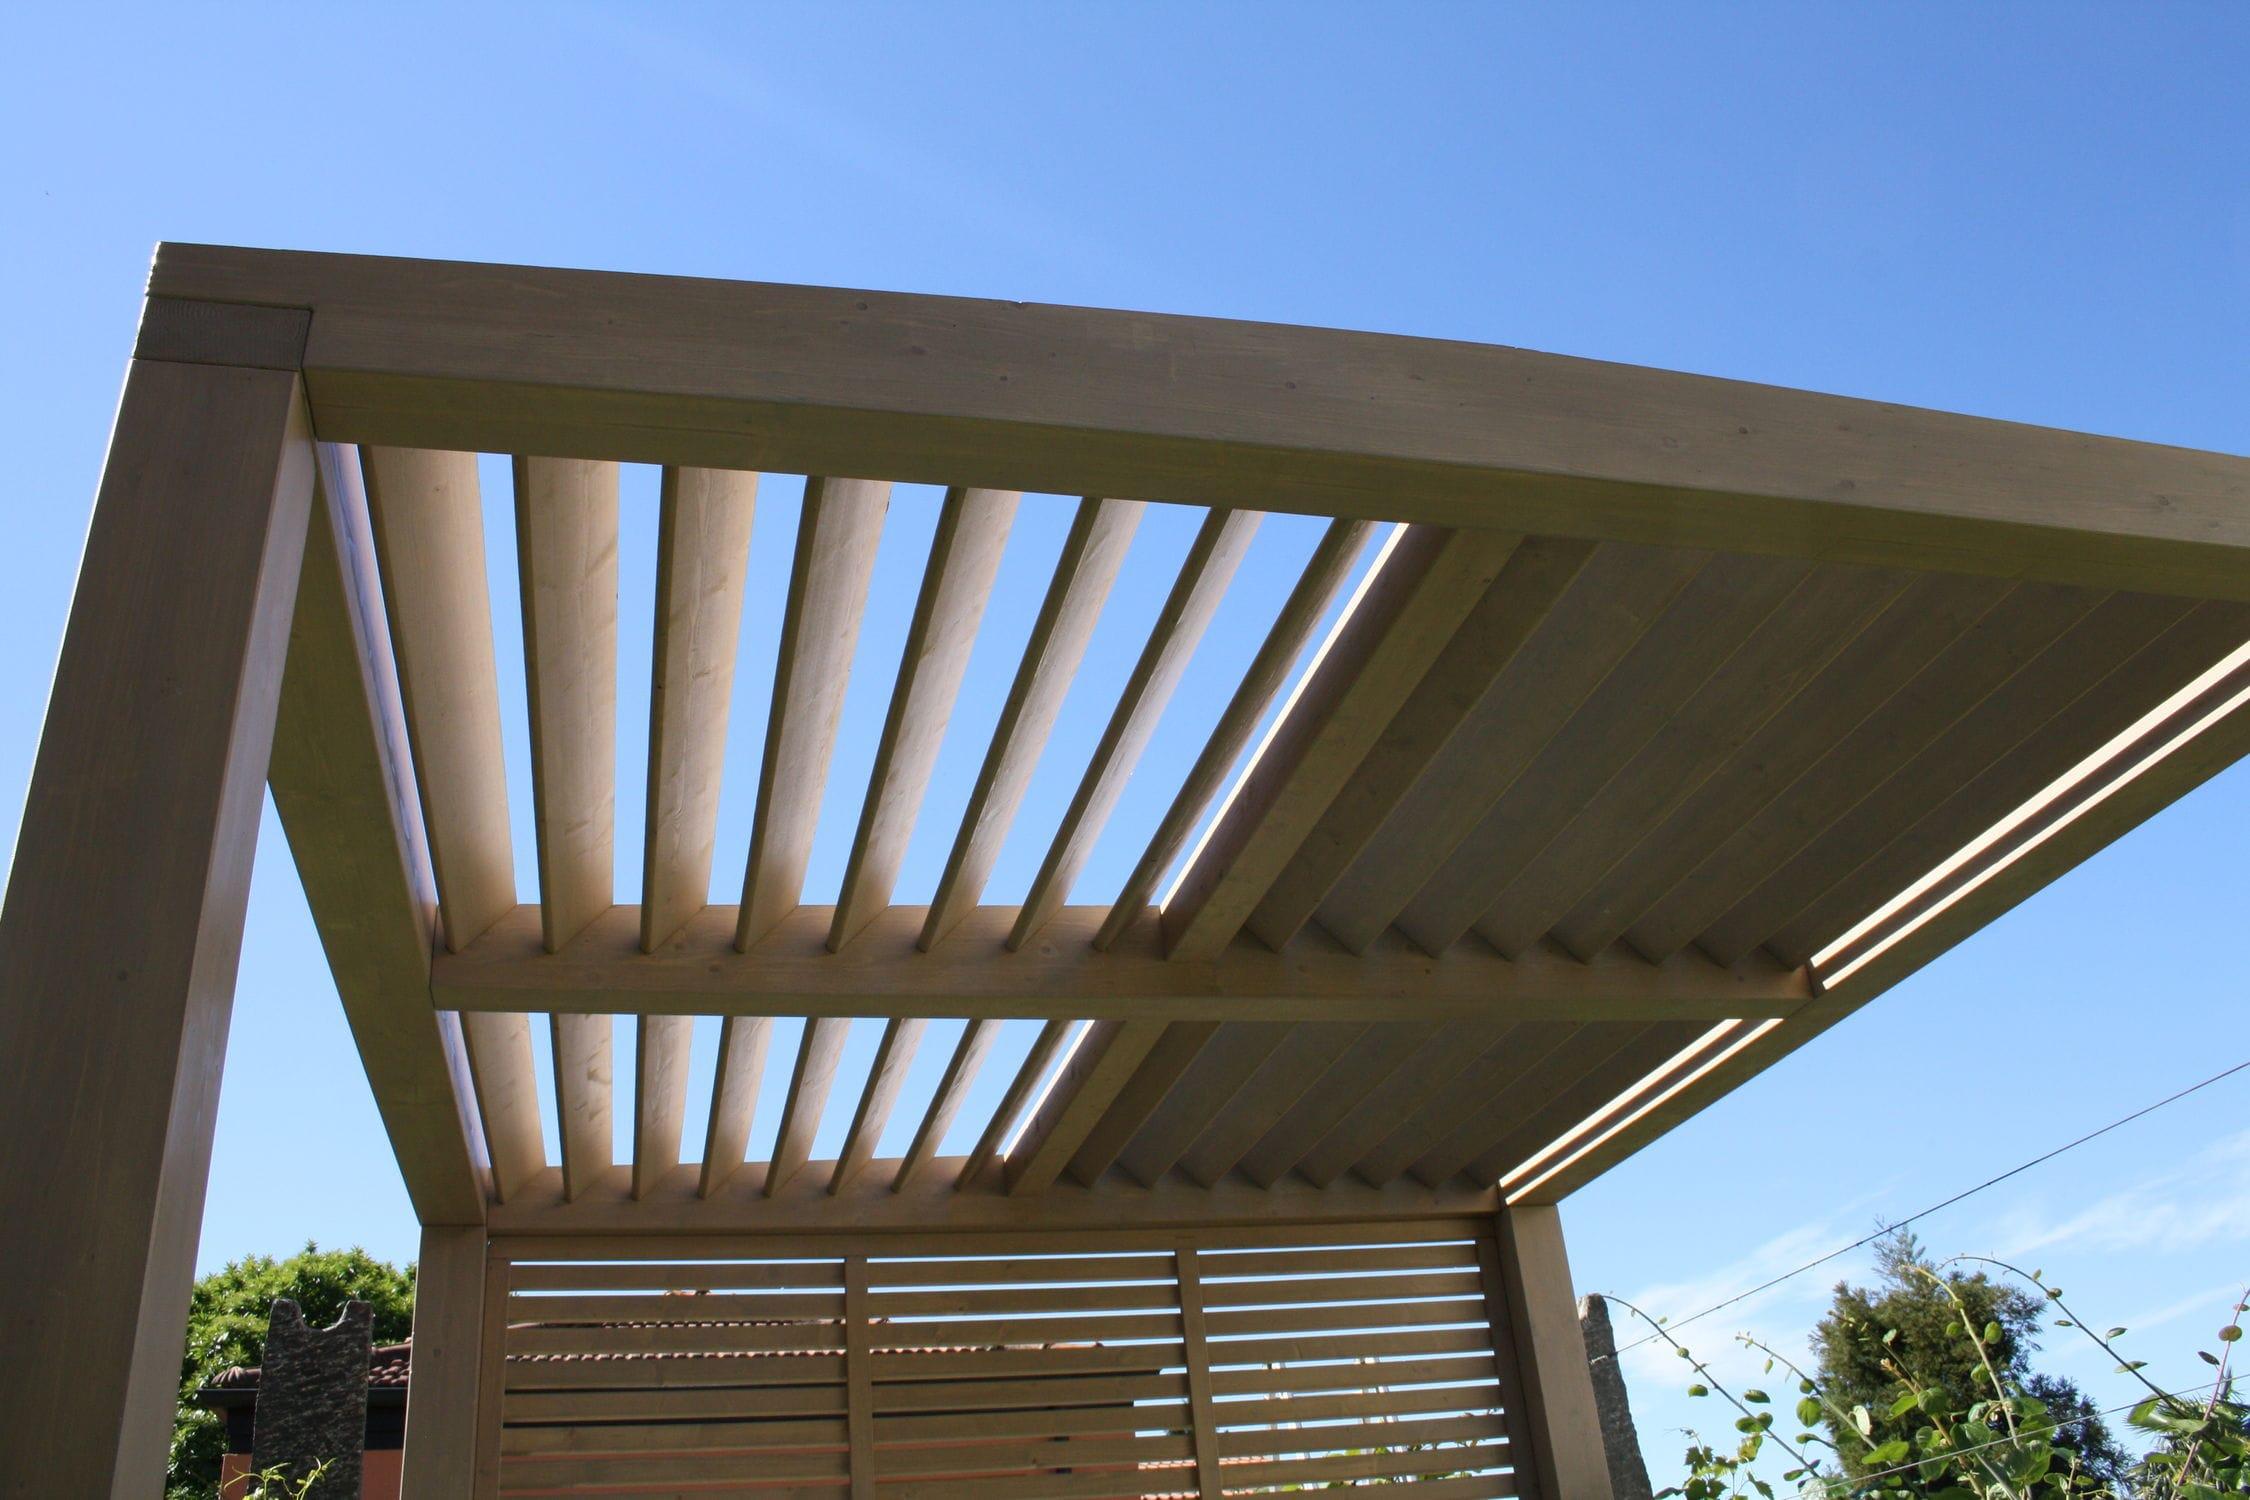 Wall Mounted Pergola Wooden Sun Shade Louvers Proverbio Outdoor Design